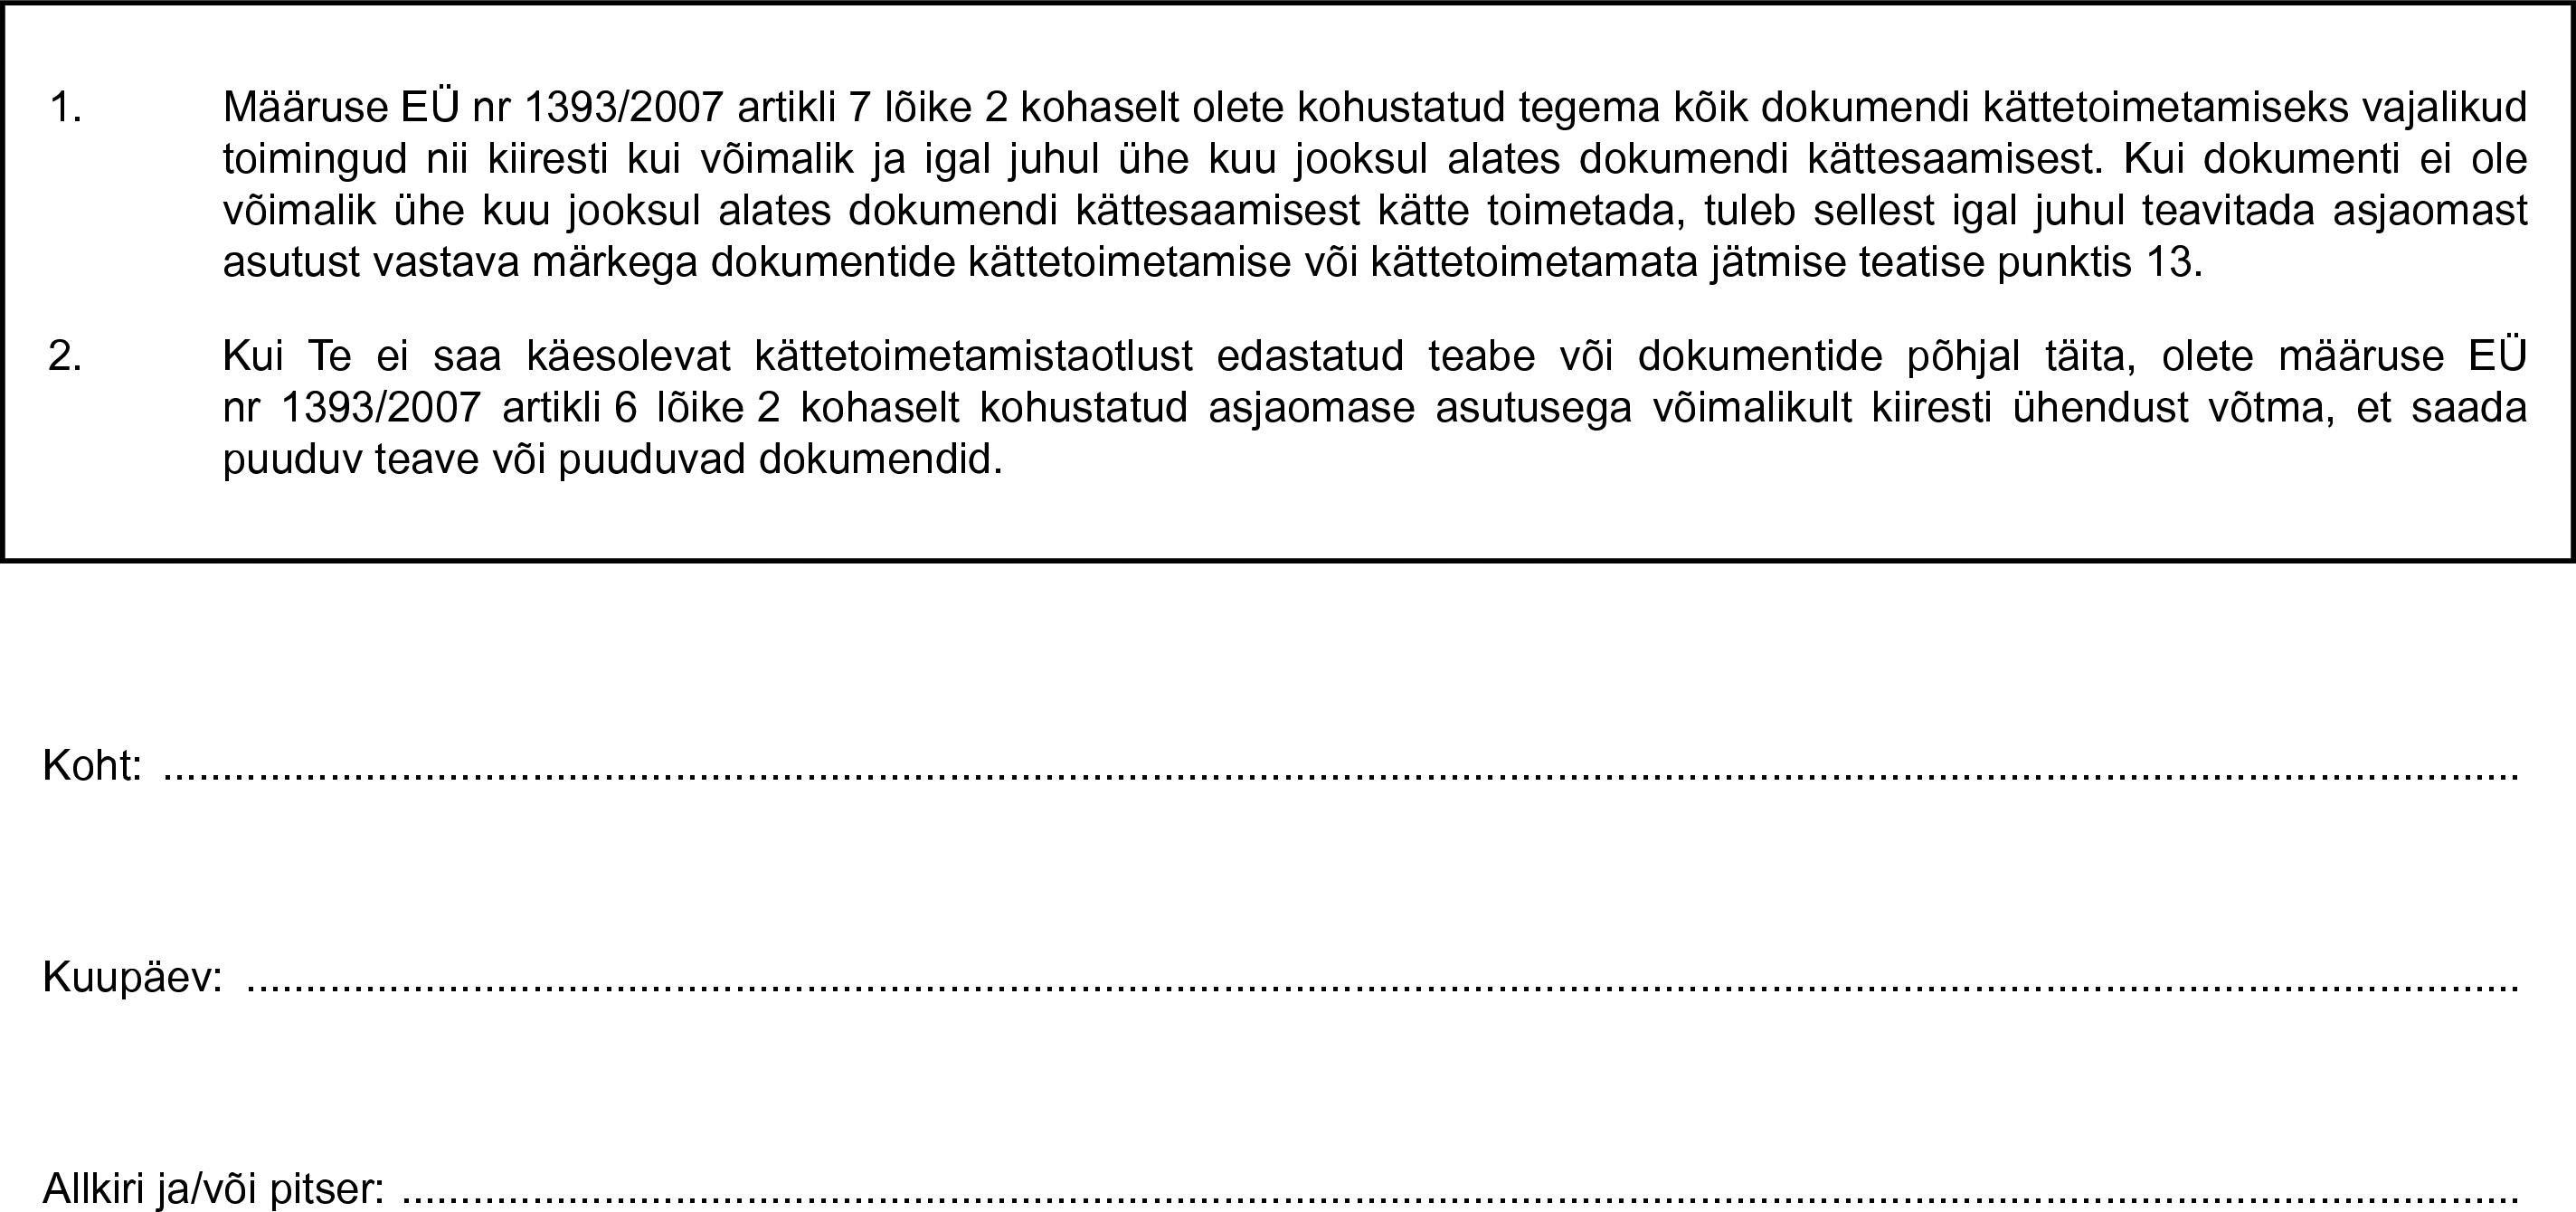 75c8cabc123 1. Määruse EÜ nr 1393/2007 artikli 7 lõike 2 kohaselt olete kohustatud  tegema